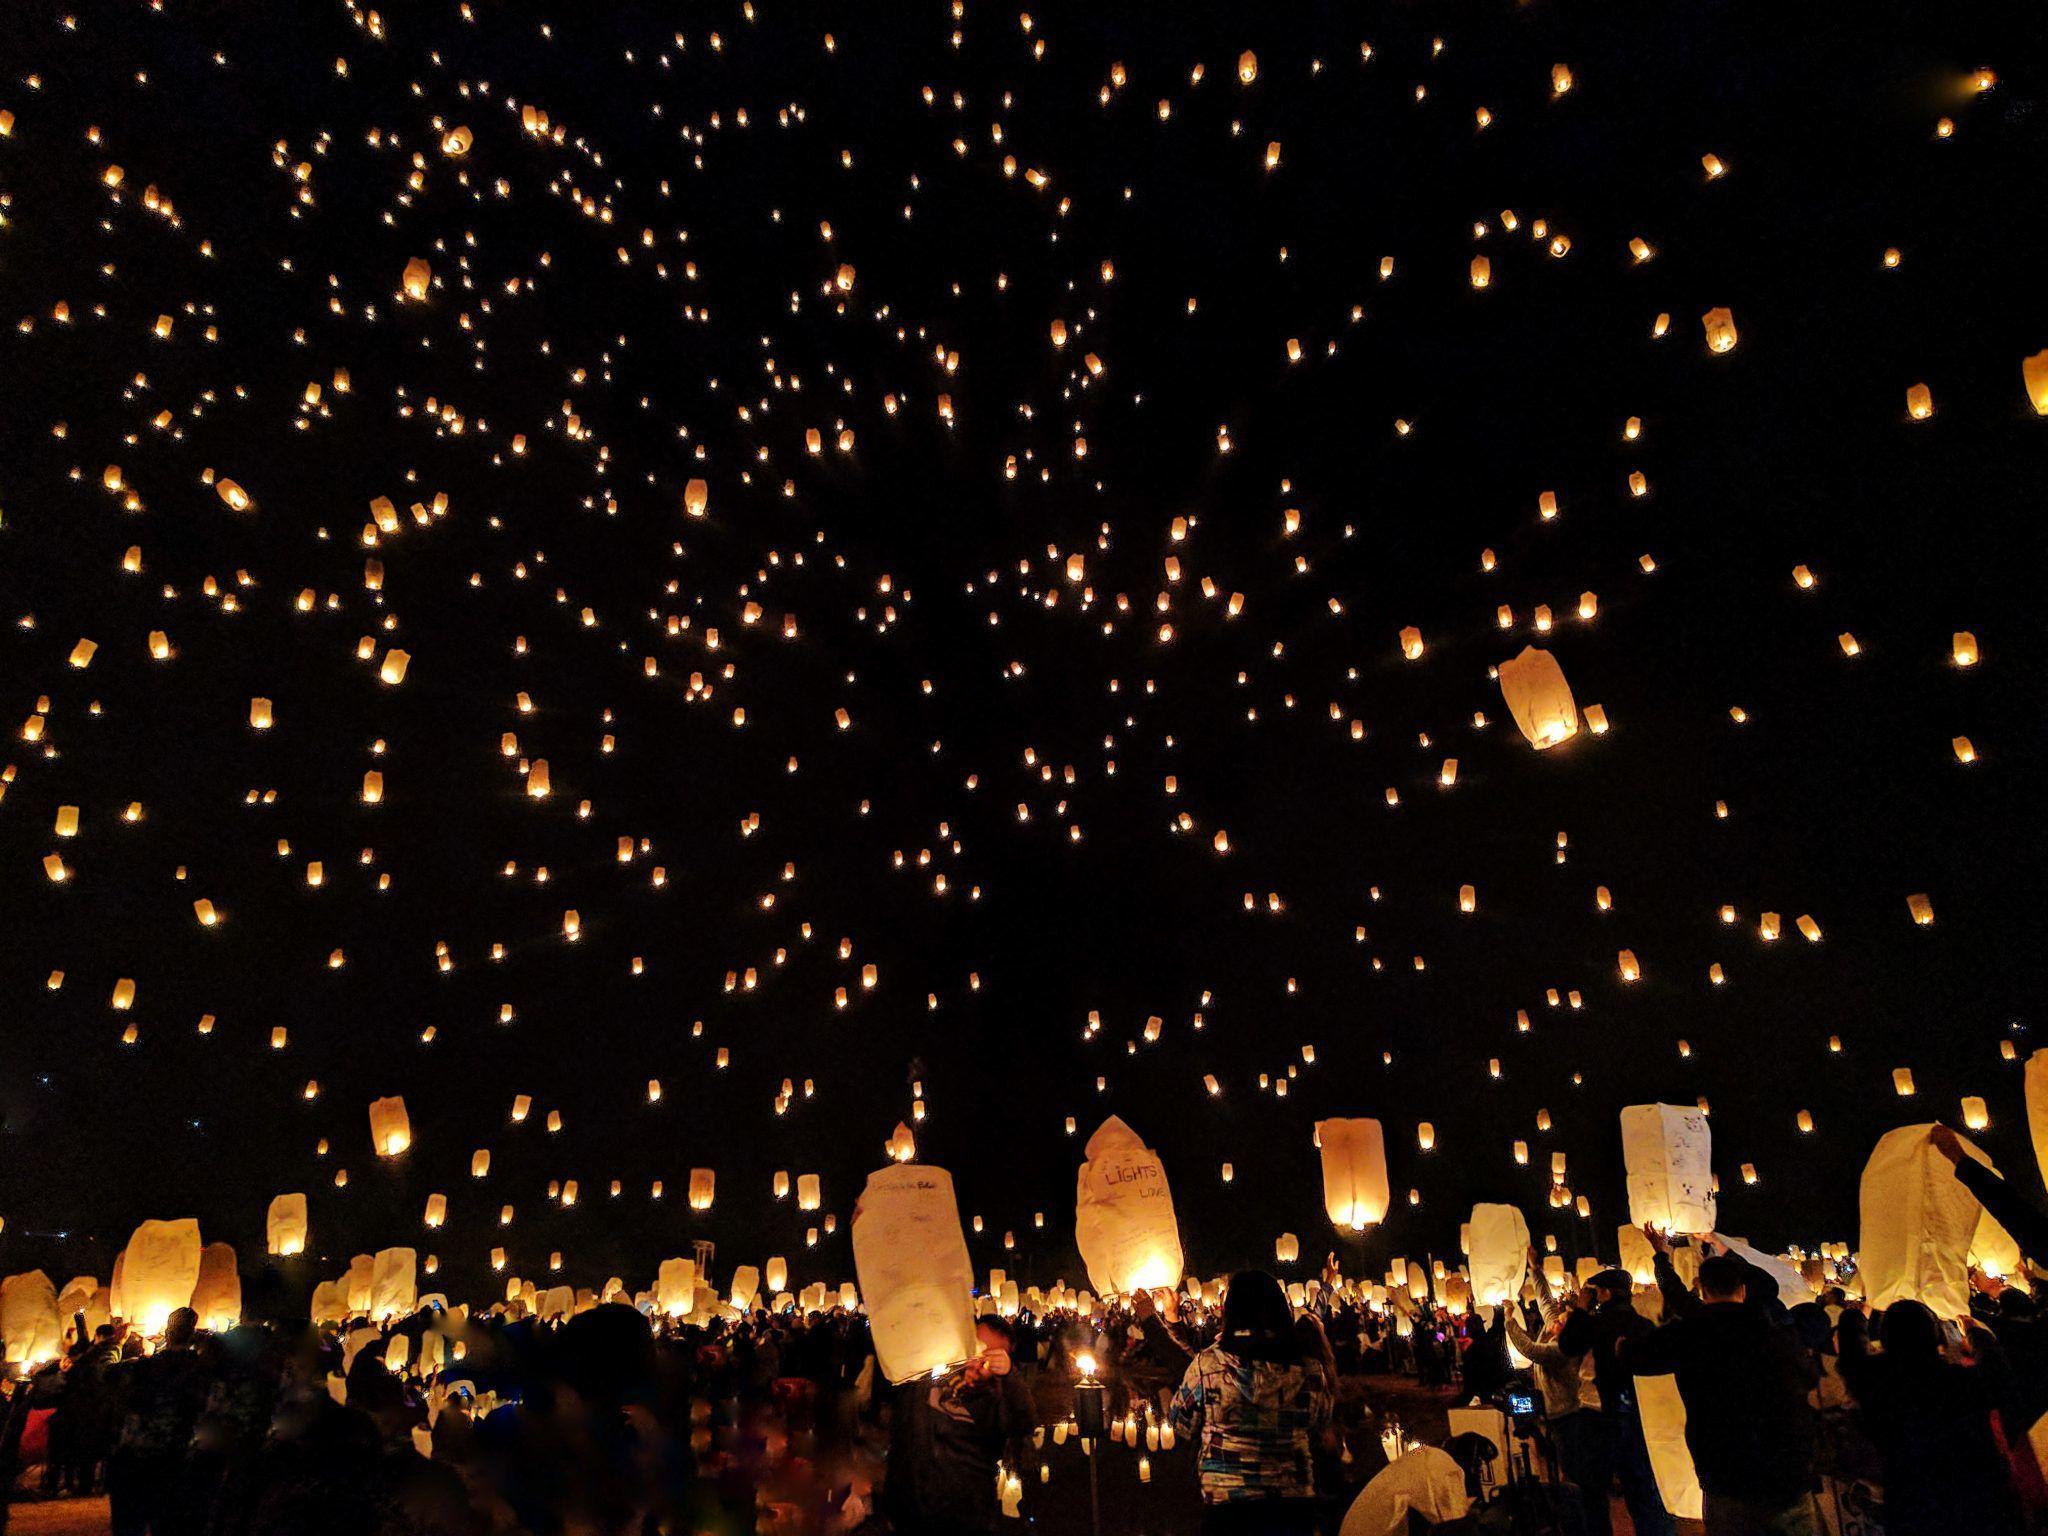 Festival Lights